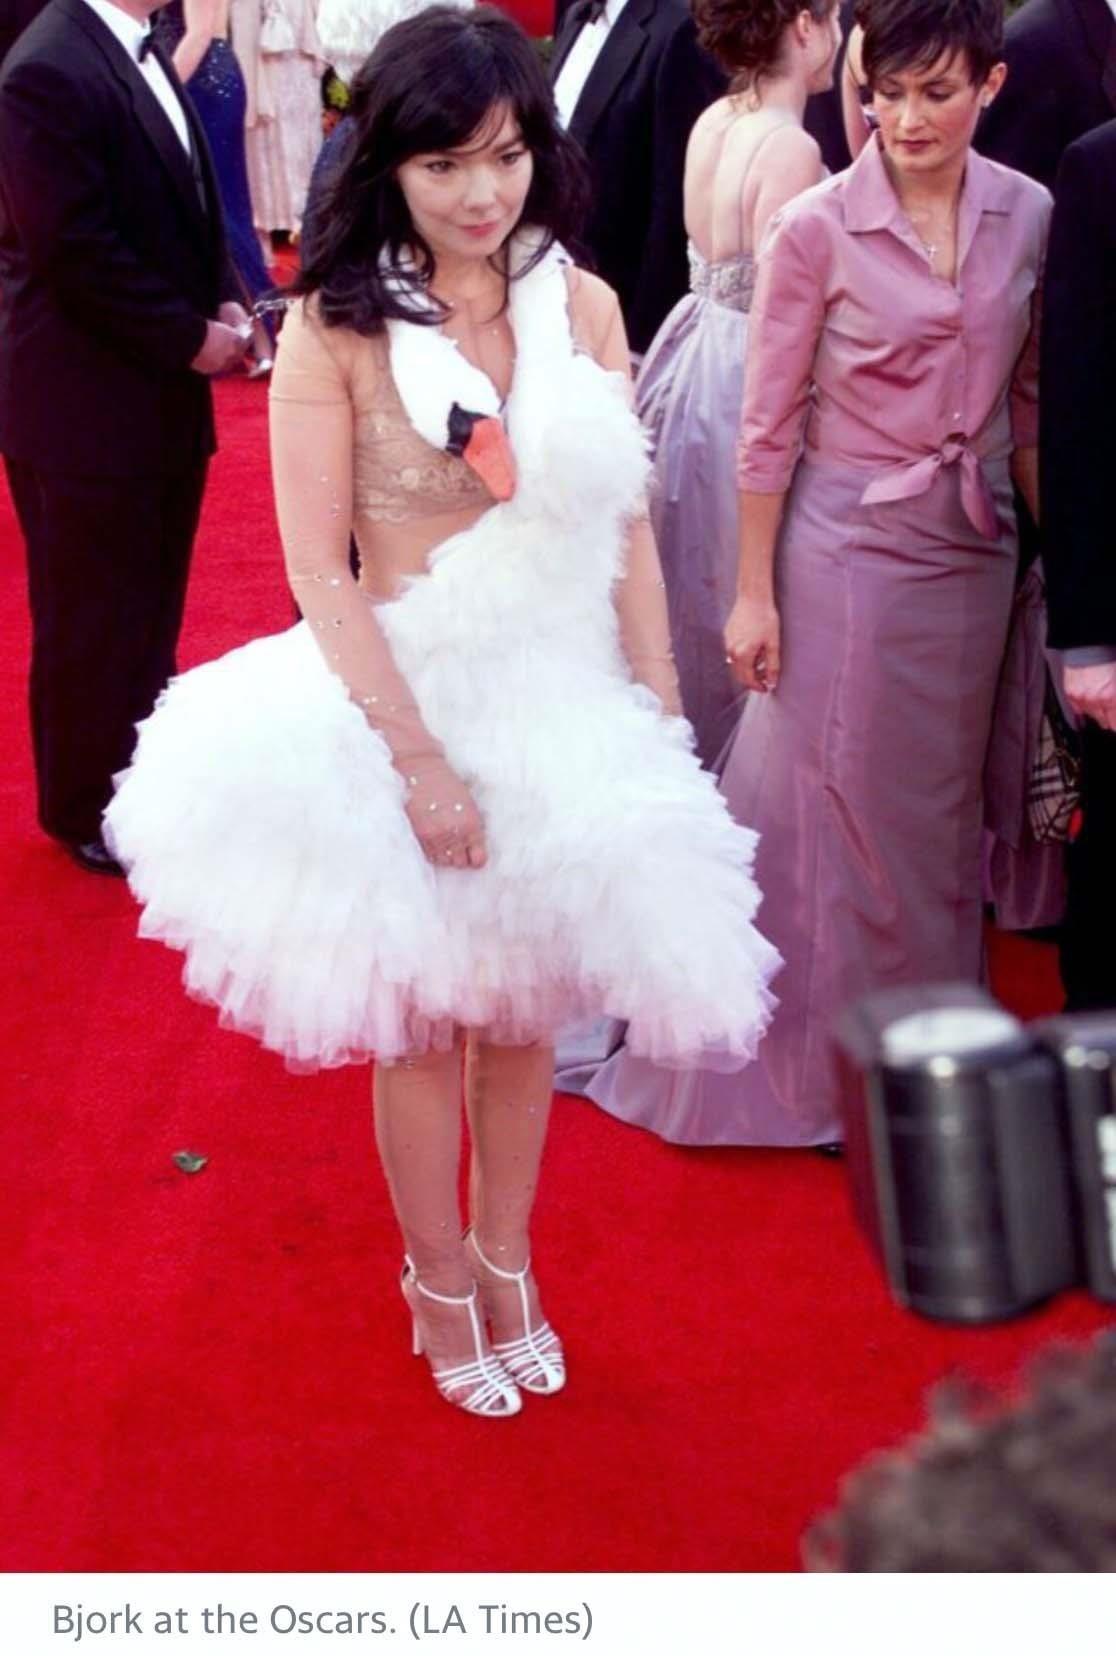 Oscars Fashion History Lives via New LA Times Mobile AR Experience